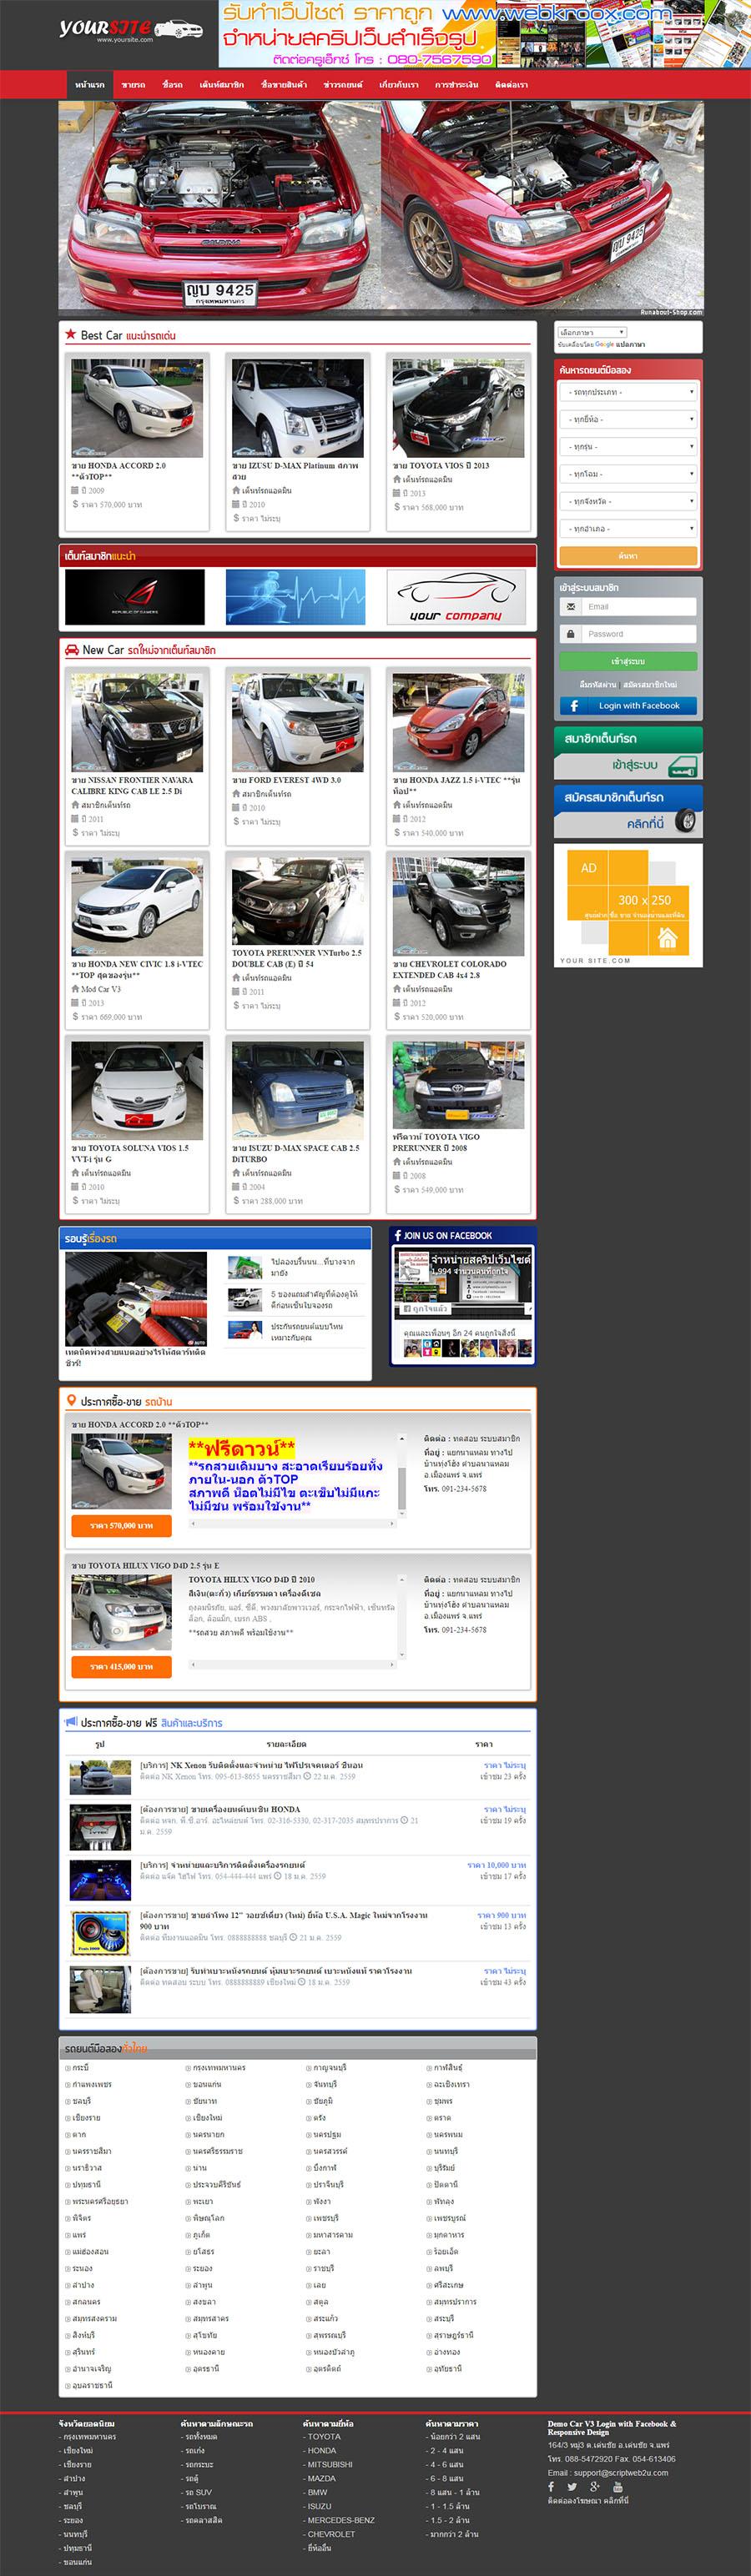 ภาพที่ 2 รับทำเว็บไซต์ขายรถยนต์ มือสอง Responsive Design